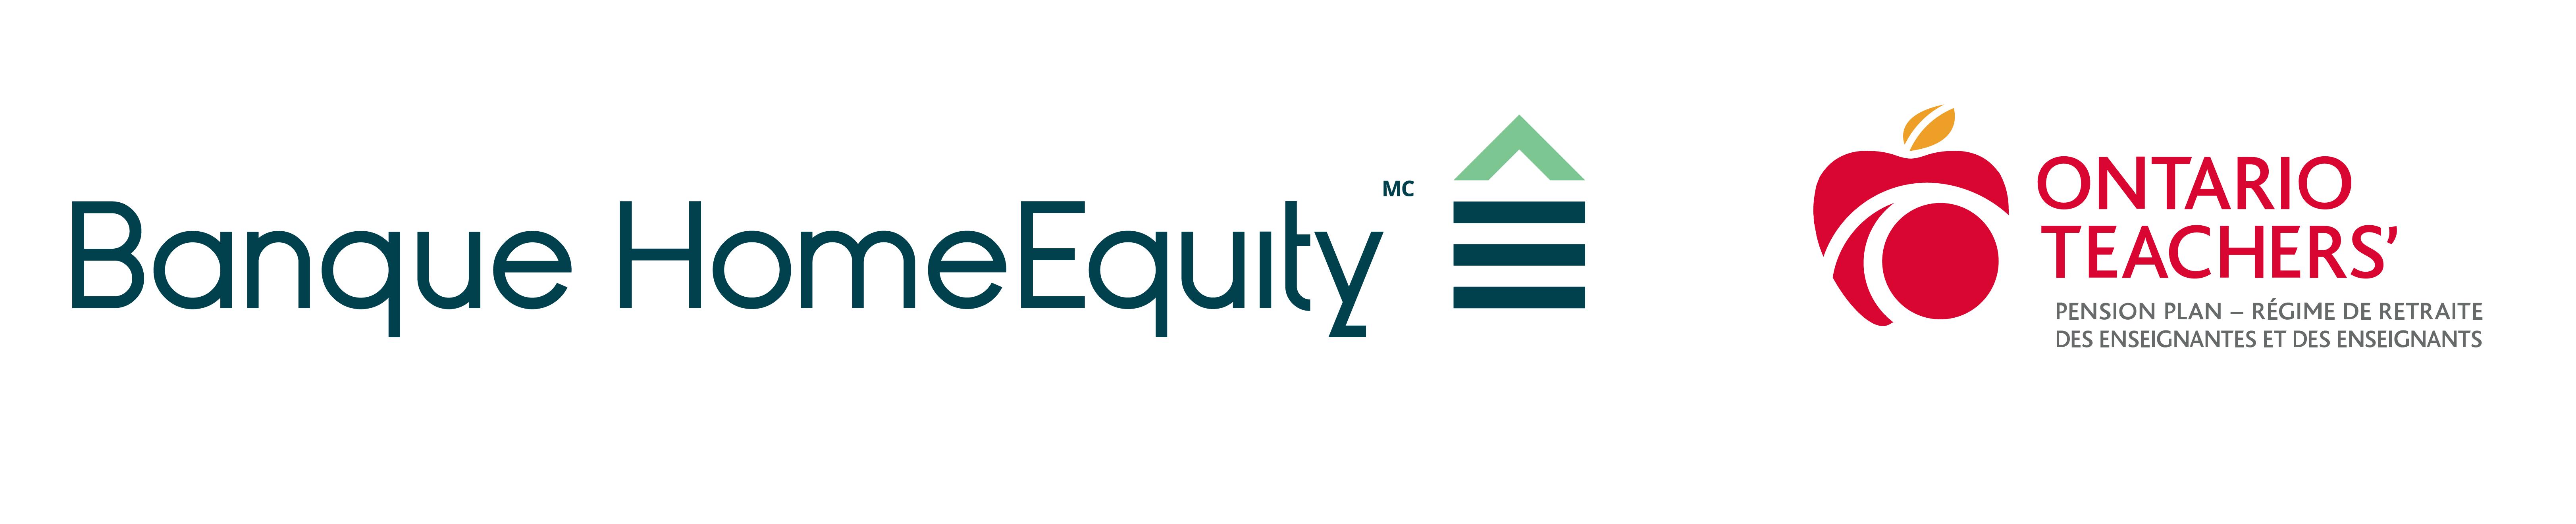 Ontario Teachers' annonce la conclusion d'une entente visant l'acquisition de la Banque HomeEquity